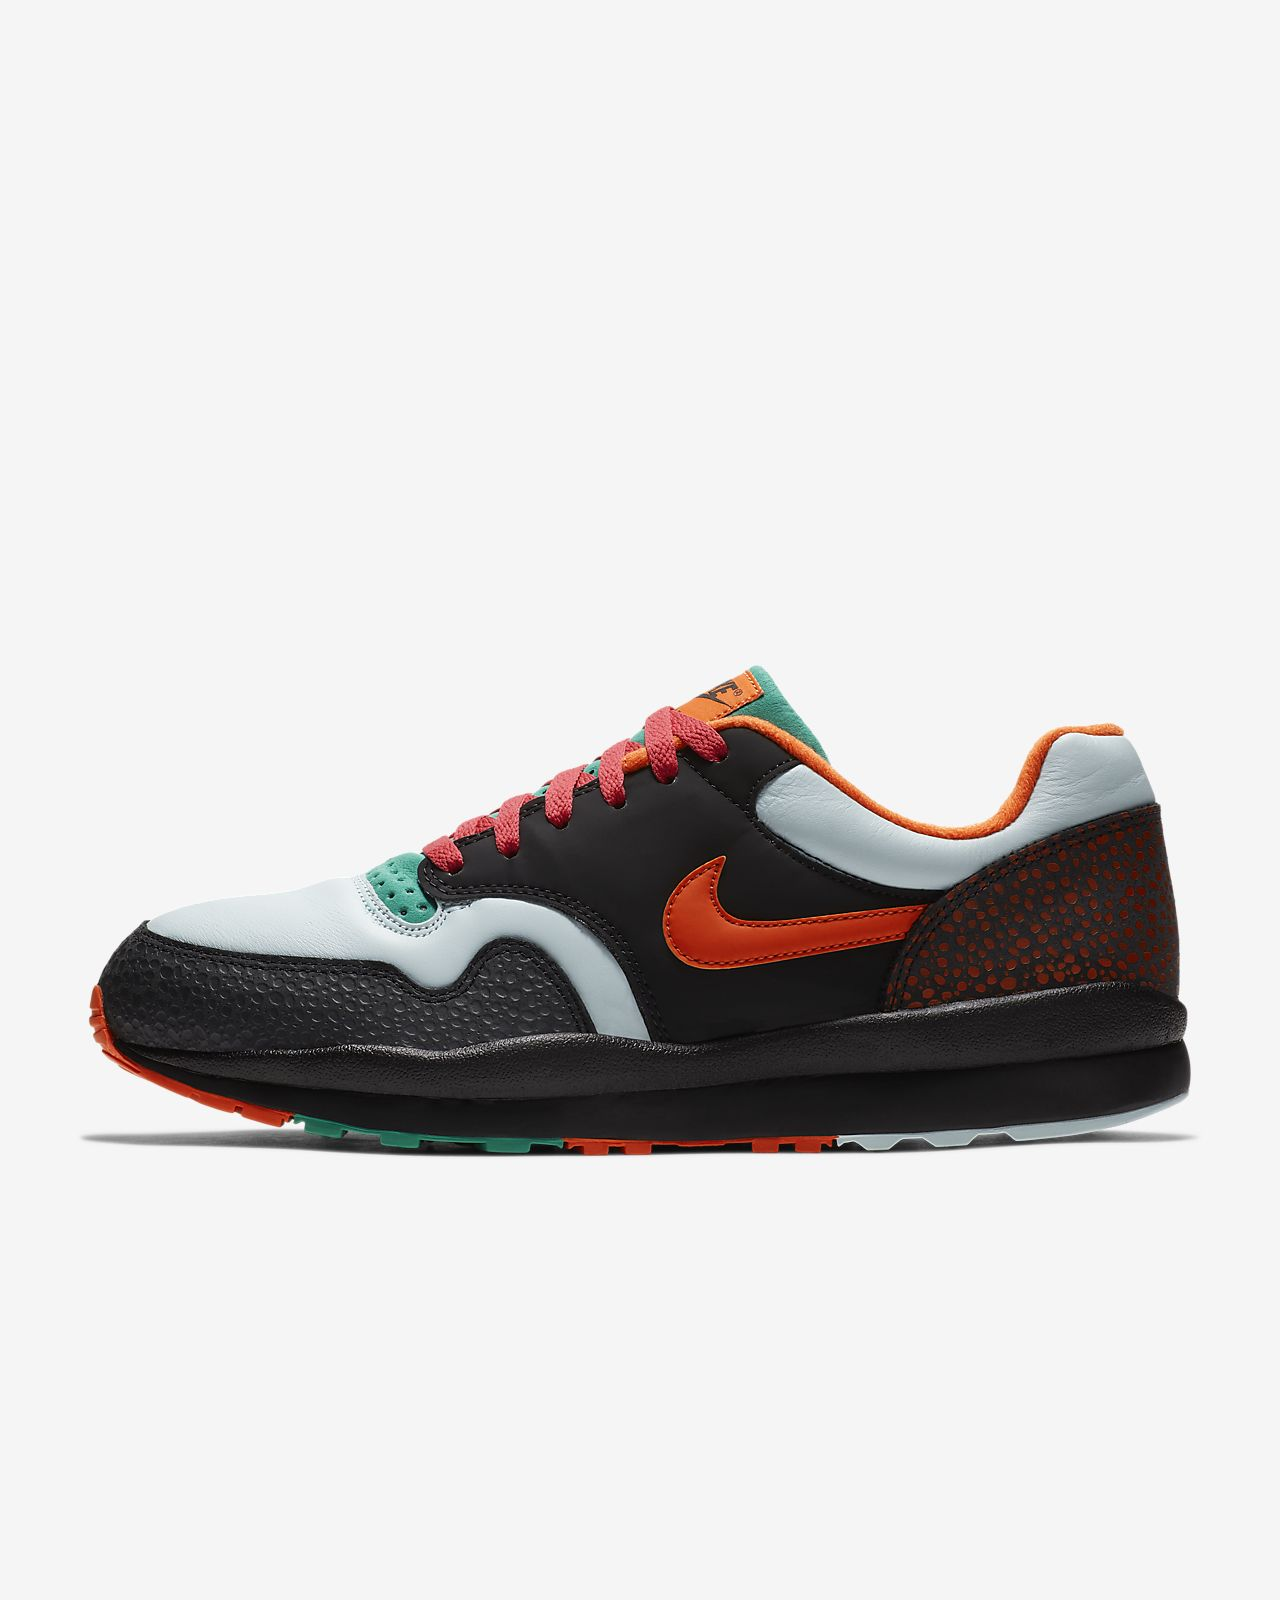 pretty nice 8d6da a2862 ... Nike Air Safari SE Zapatillas - Hombre